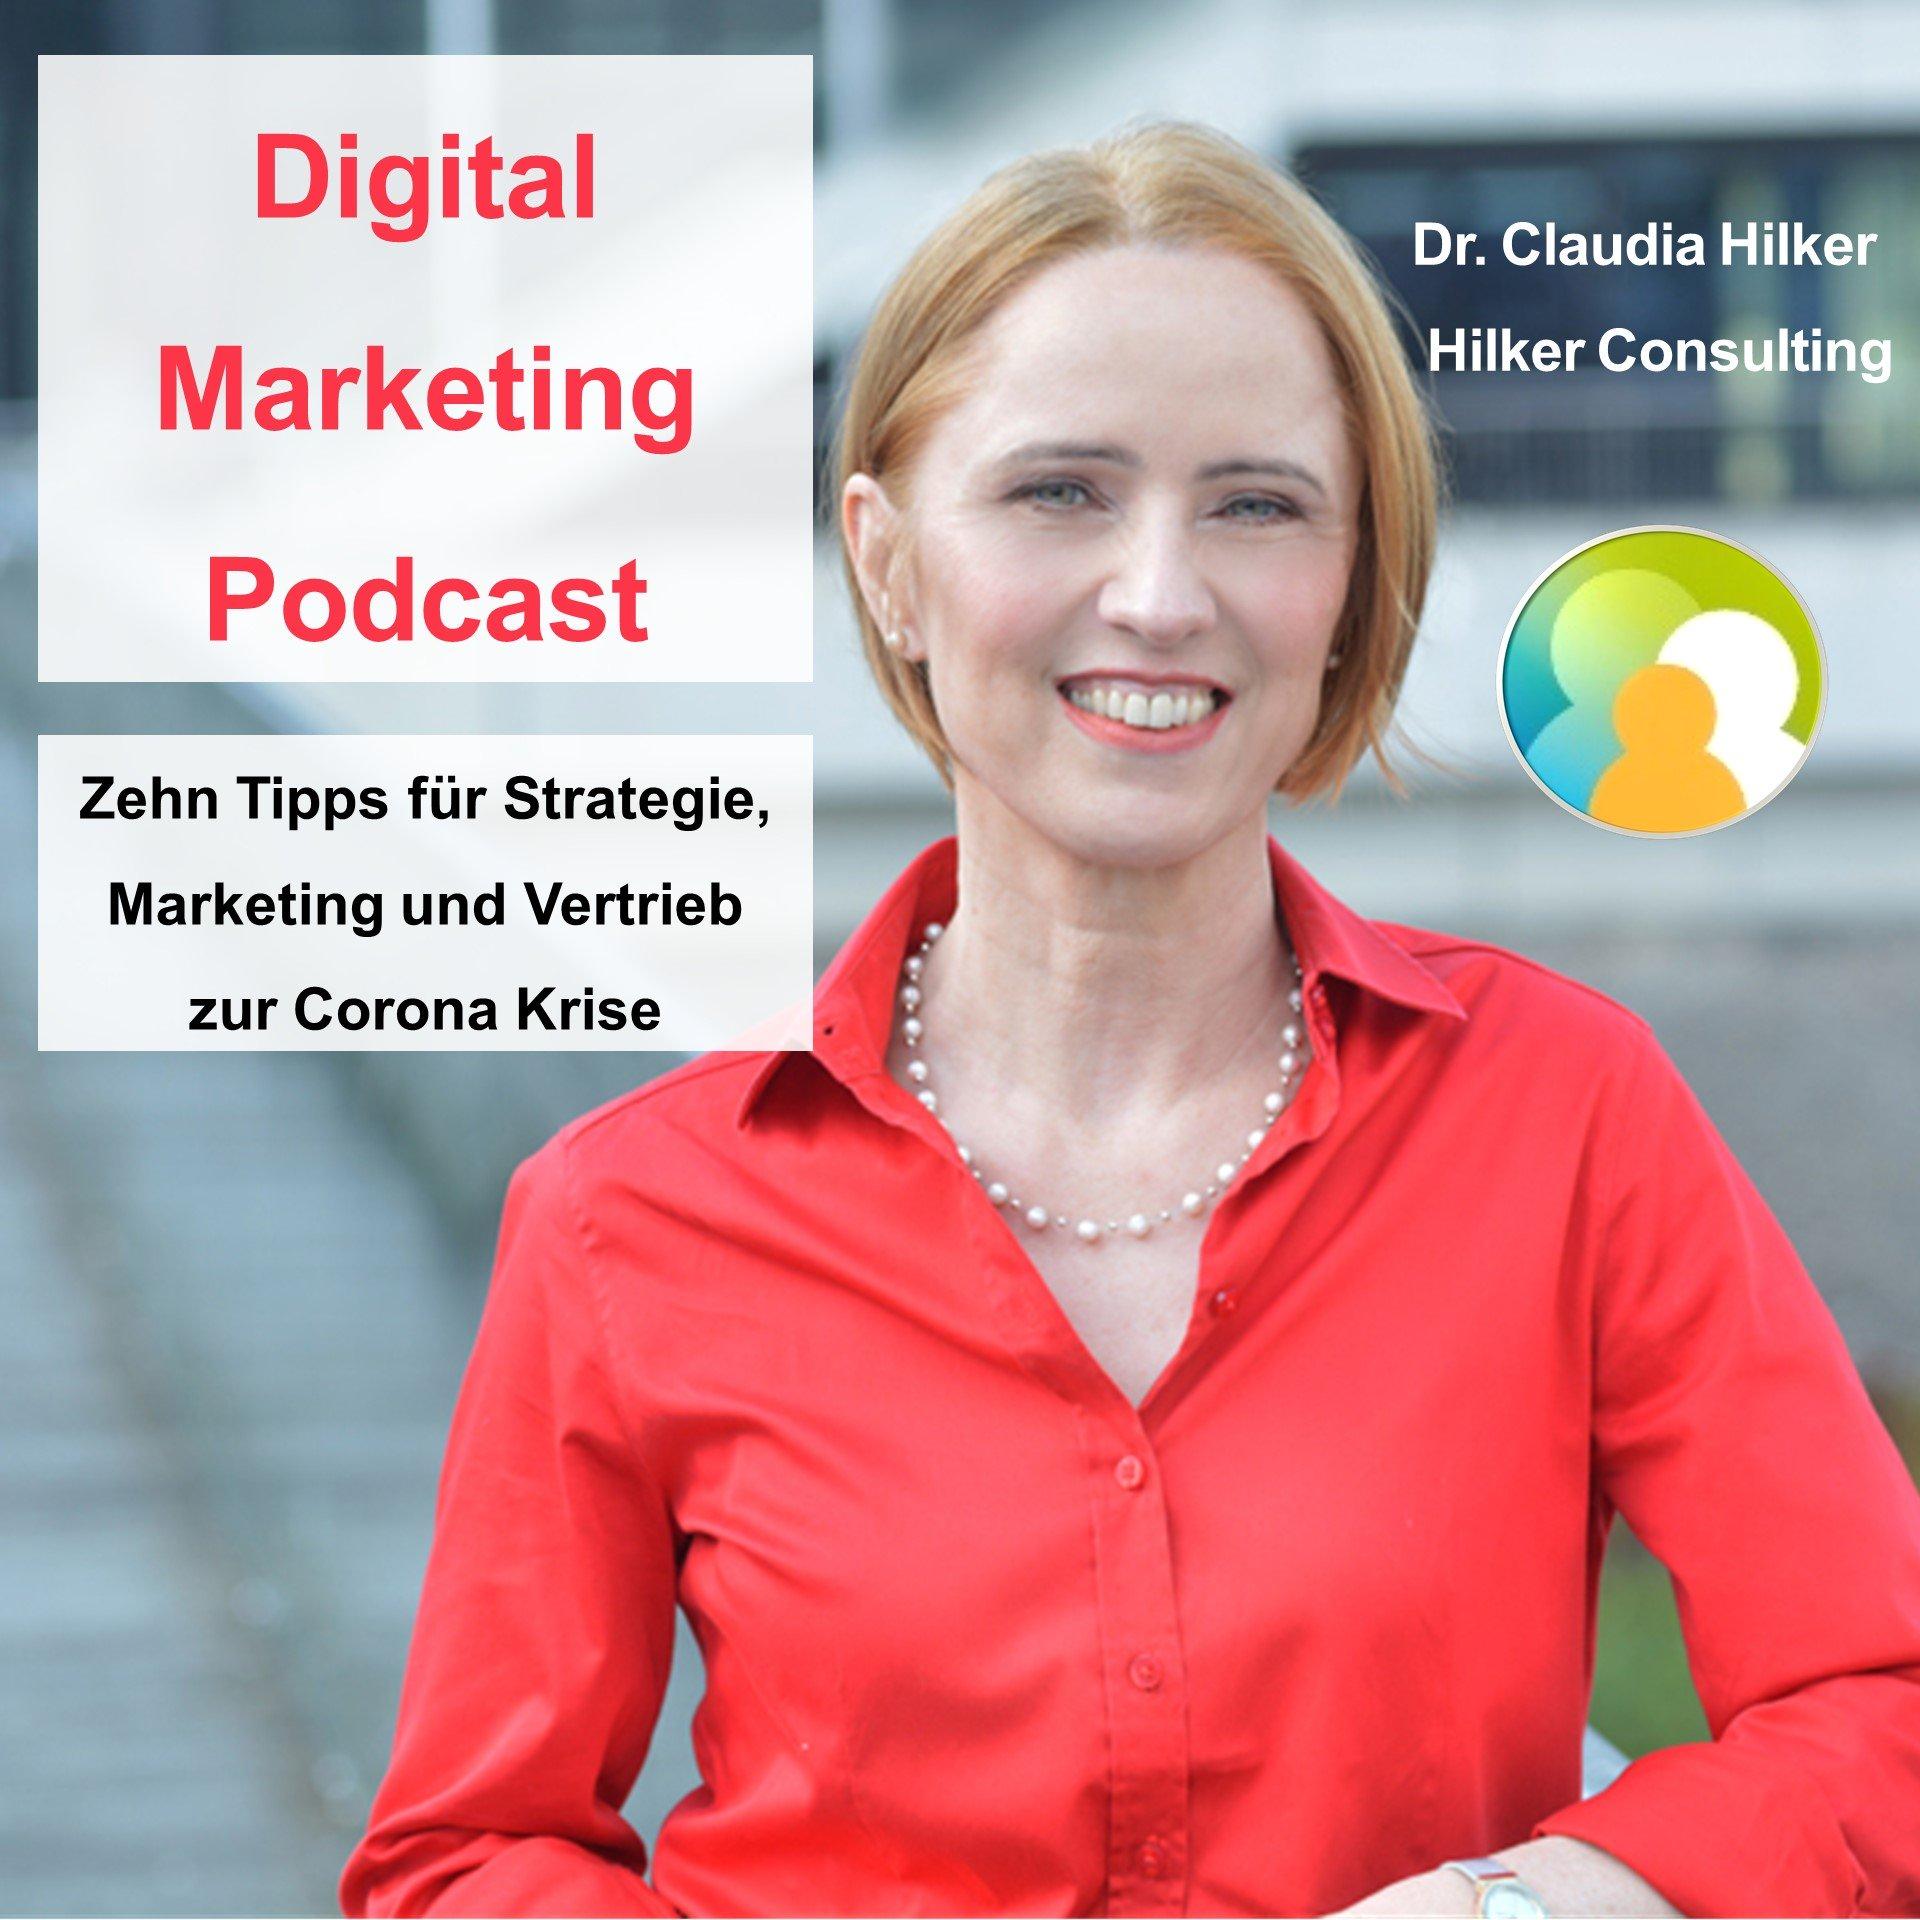 Digital Marketing Podcast_Zehn Tipps für Strategie, Marketing und Vertrieb_Claudia Hilker